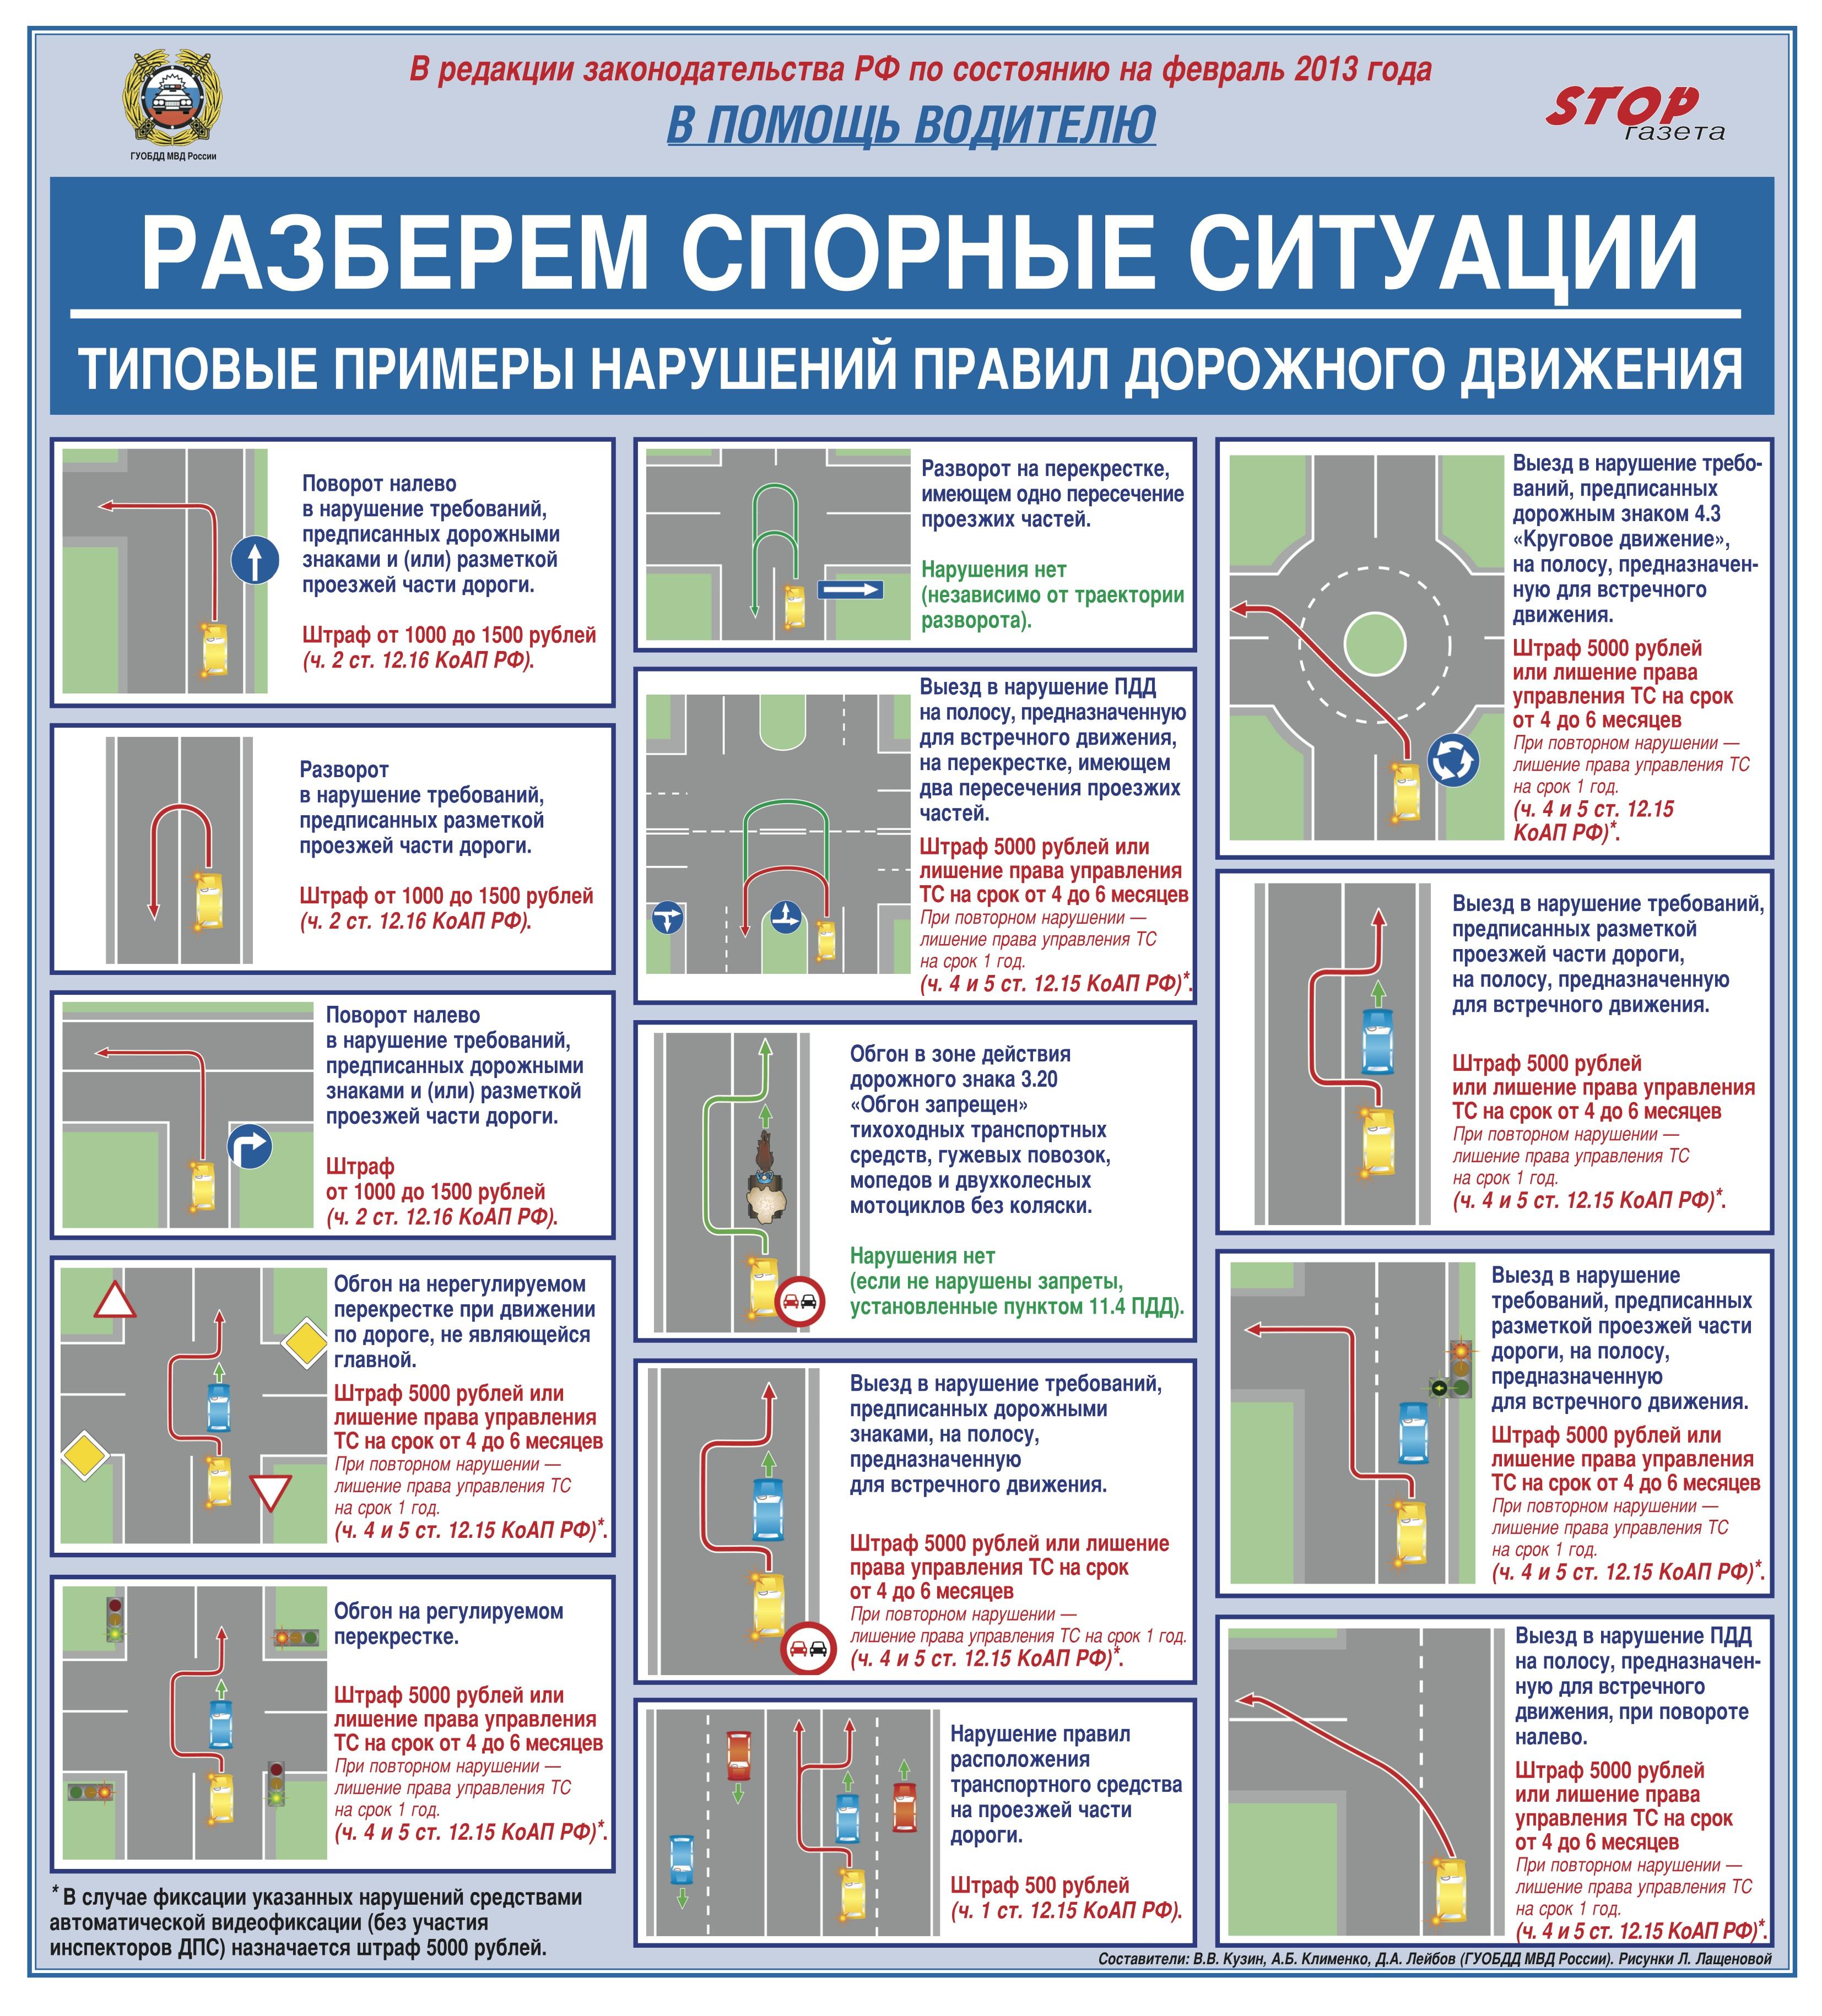 Шпаргалка водителей скачать газета российская для